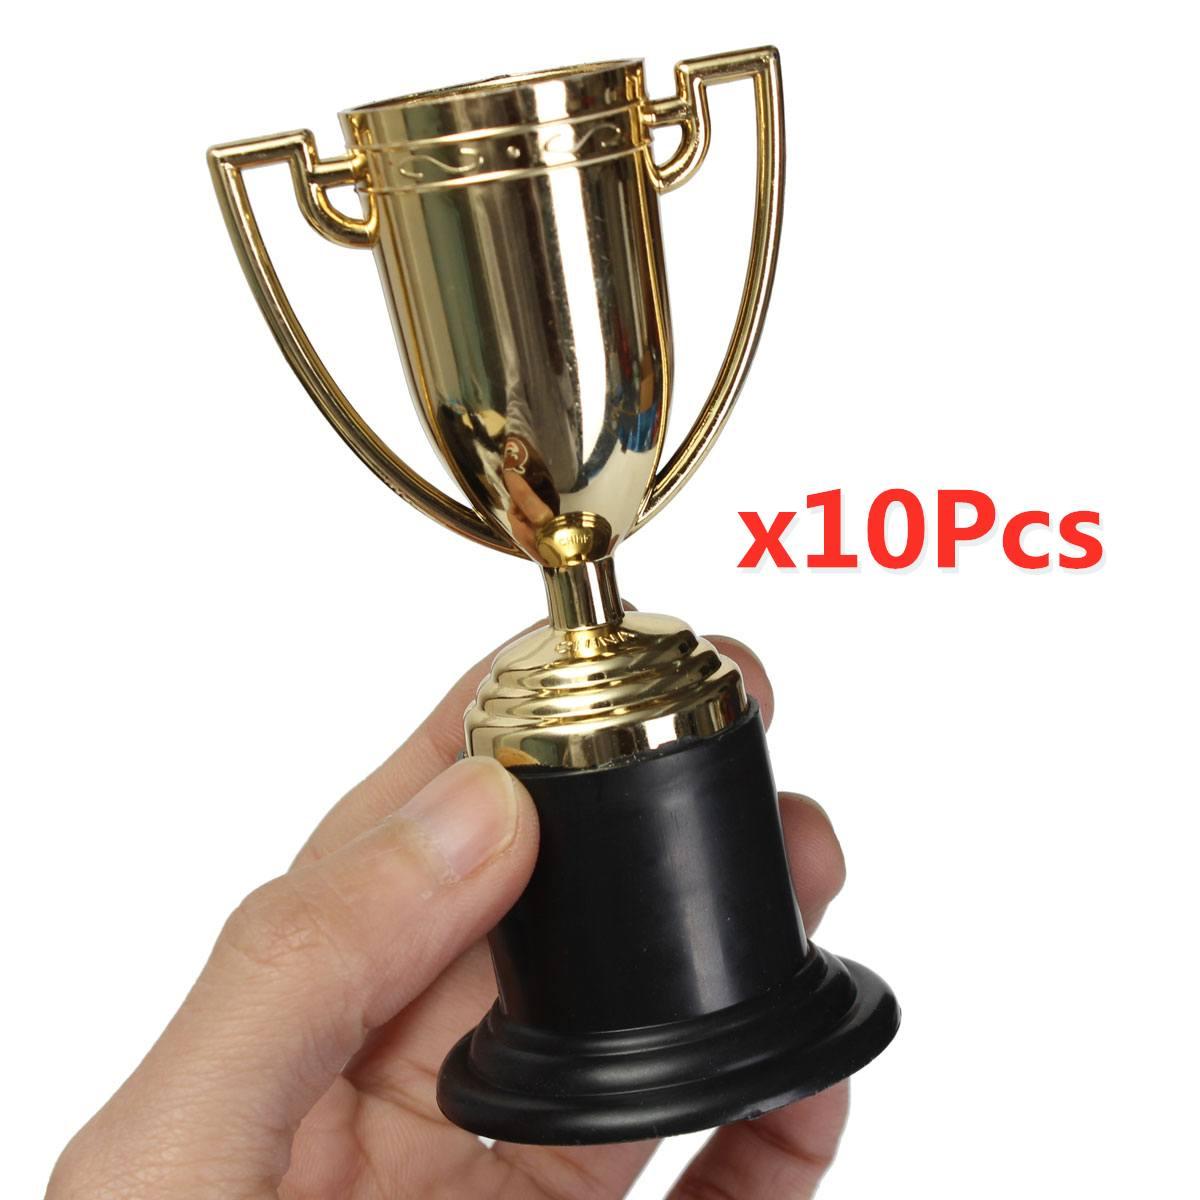 10 adet Mini plastik kupa altın gümüş futbol futbol kupası çocuk x kupa oyuncaklar için ödül parti iyilik doğum günü parti